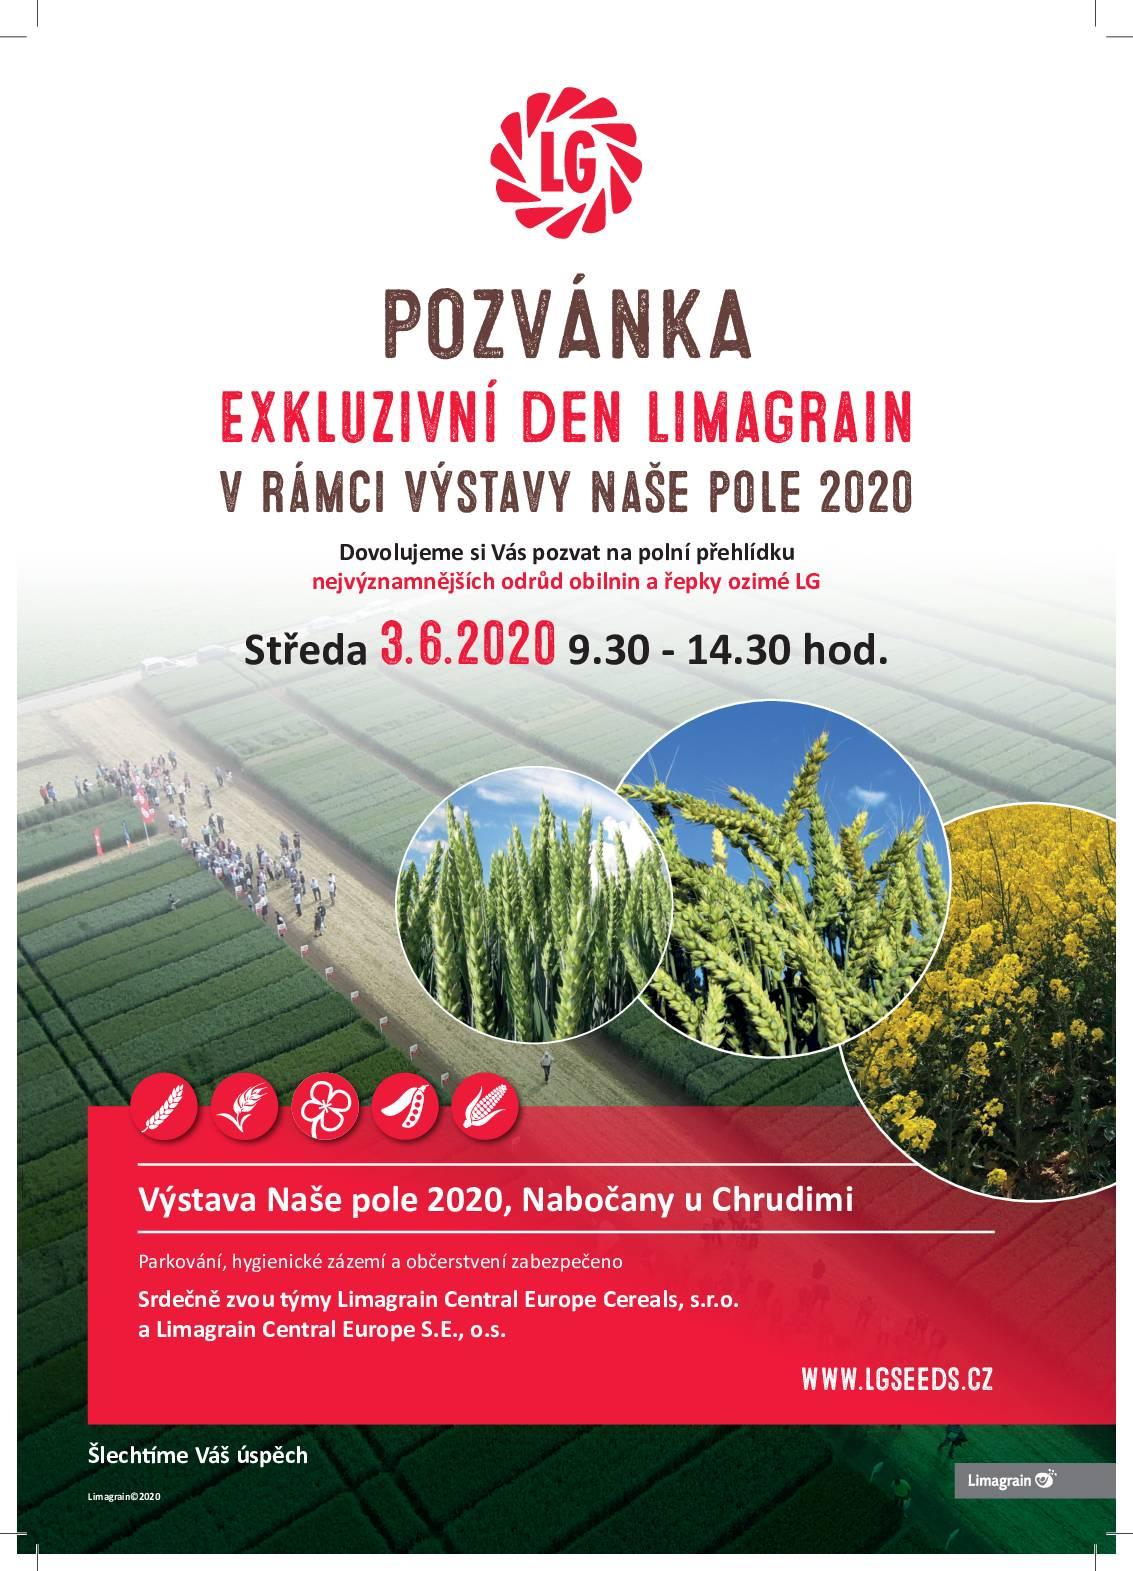 CZ_A4-A5_Polni_den_2020-Pozvanka-TLAC